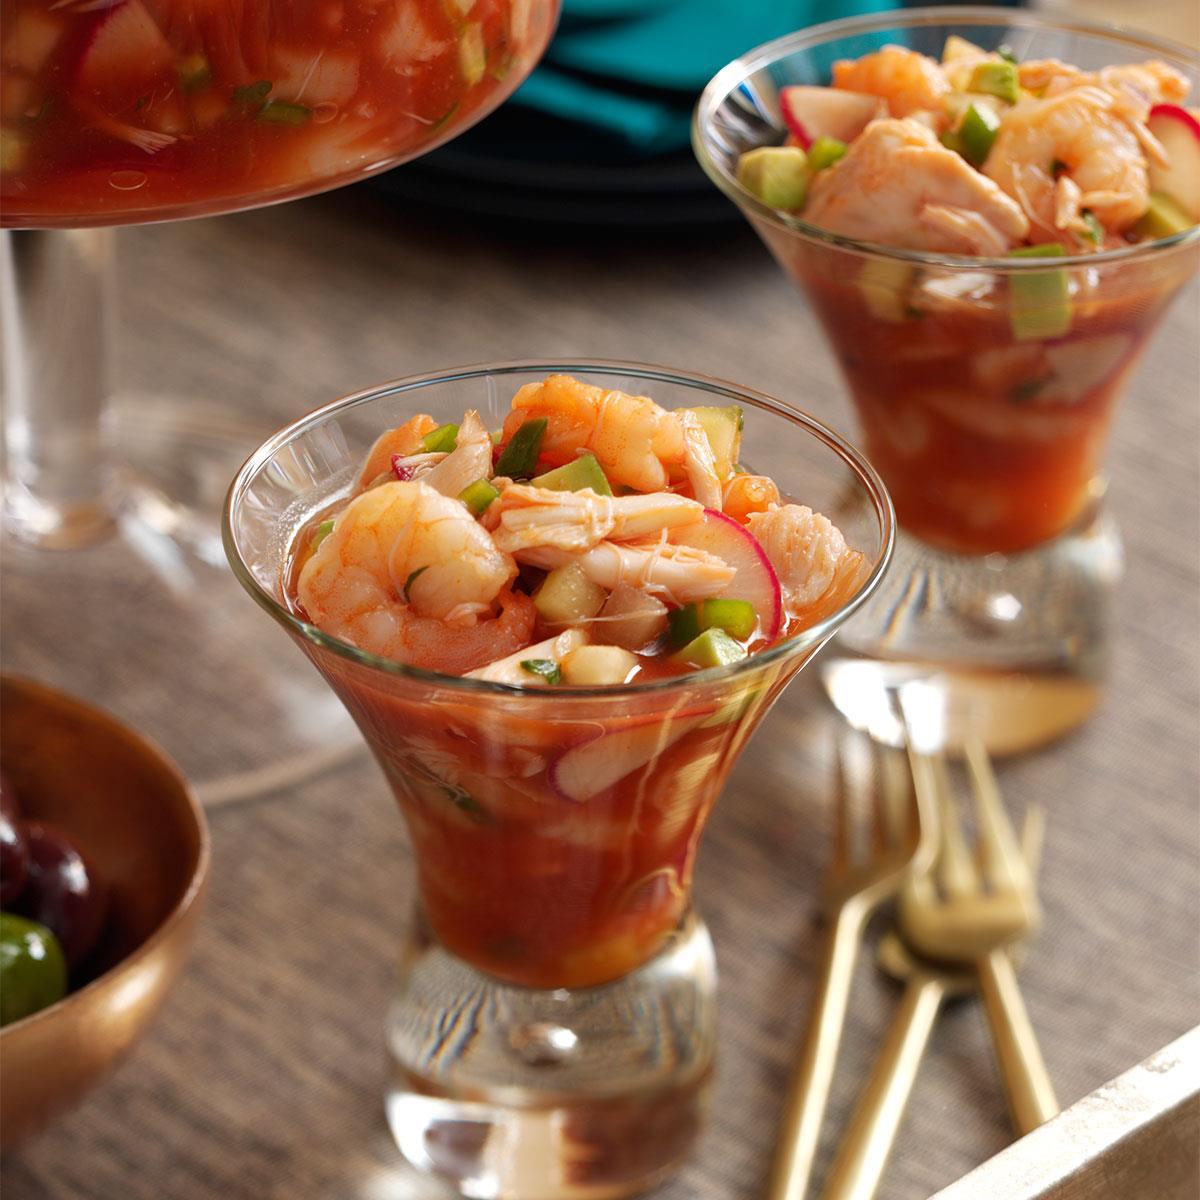 Spicy Shrimp Amp Crab Cocktail Recipe Taste Of Home